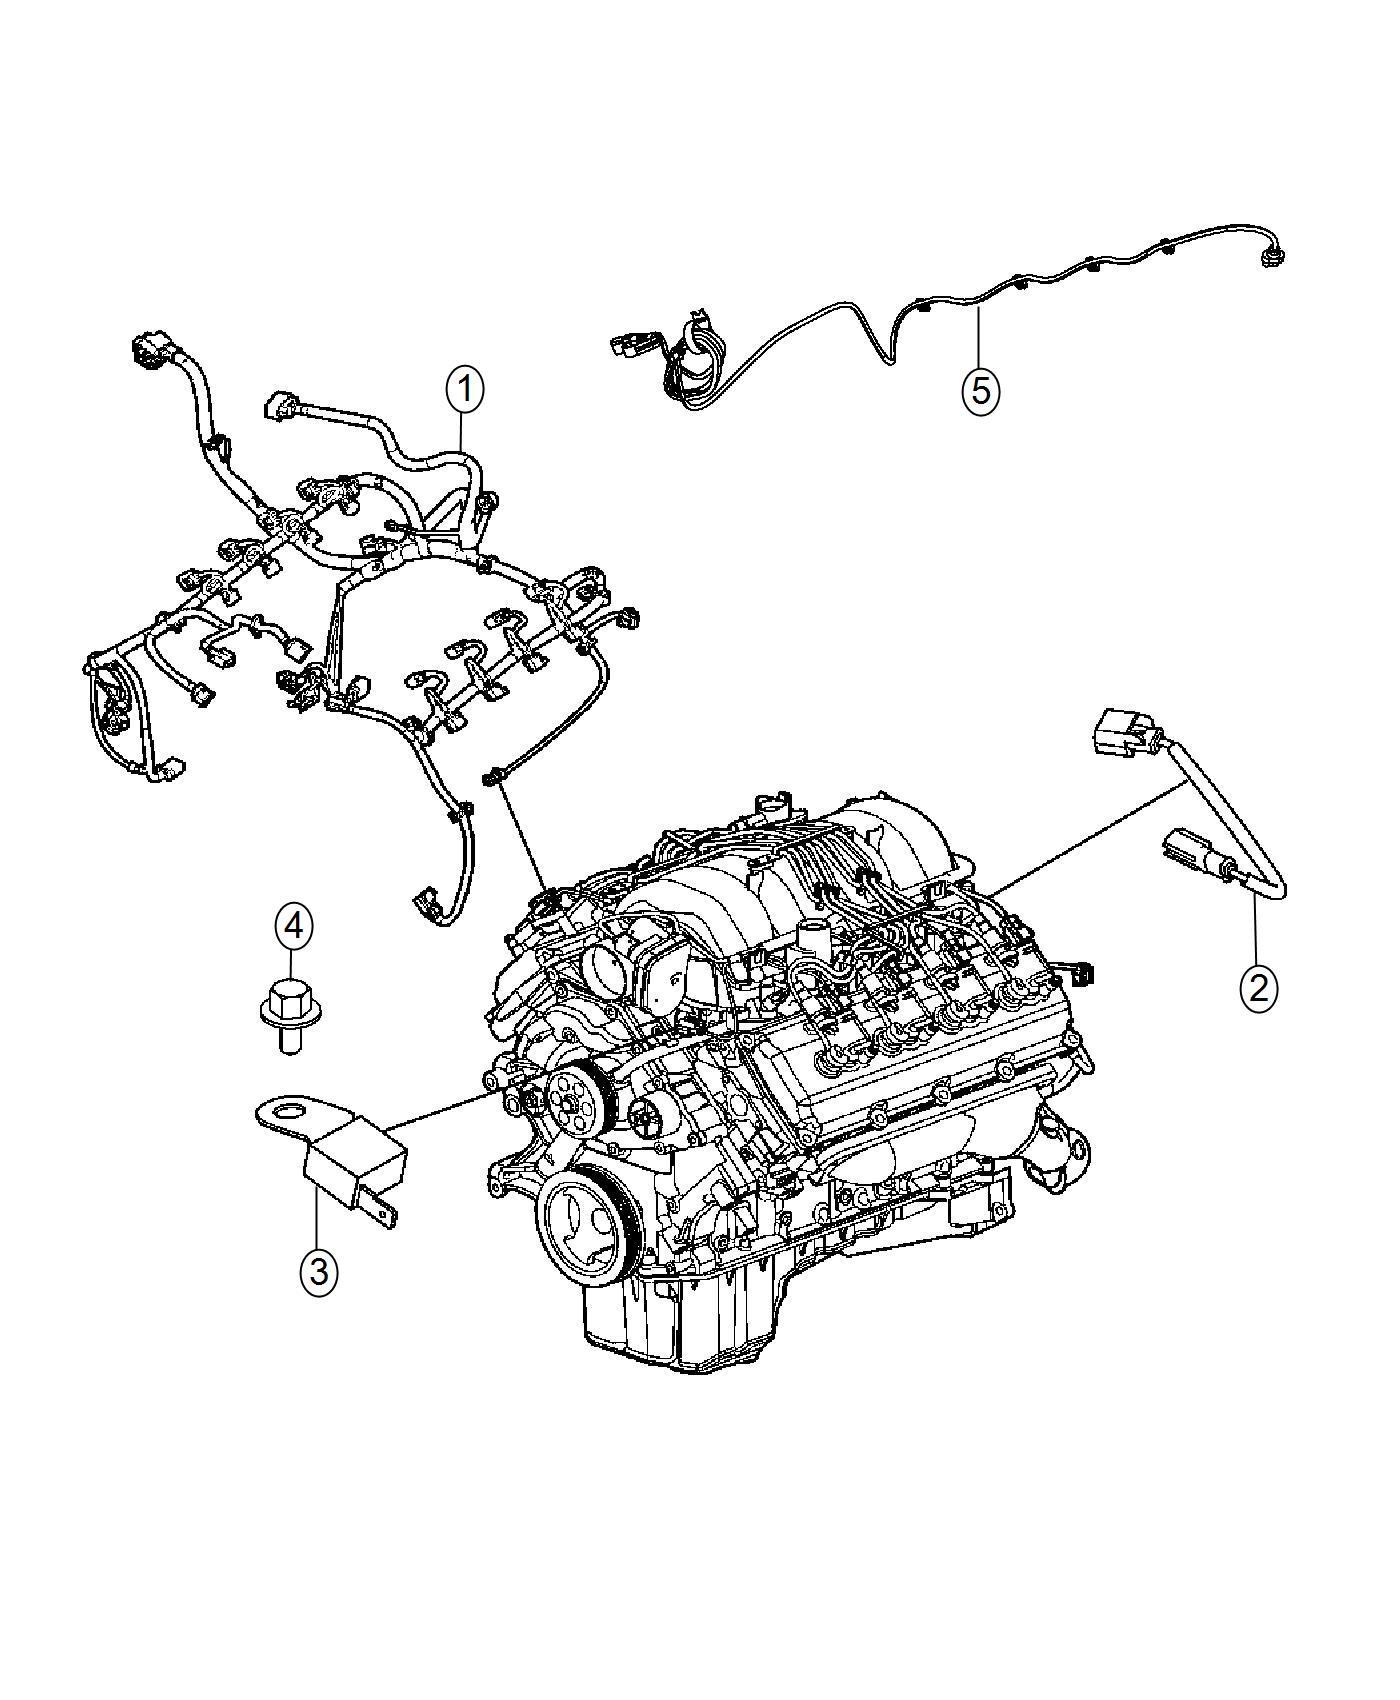 Chrysler 300 Wiring Engine 160 Amp Alternator Or 180